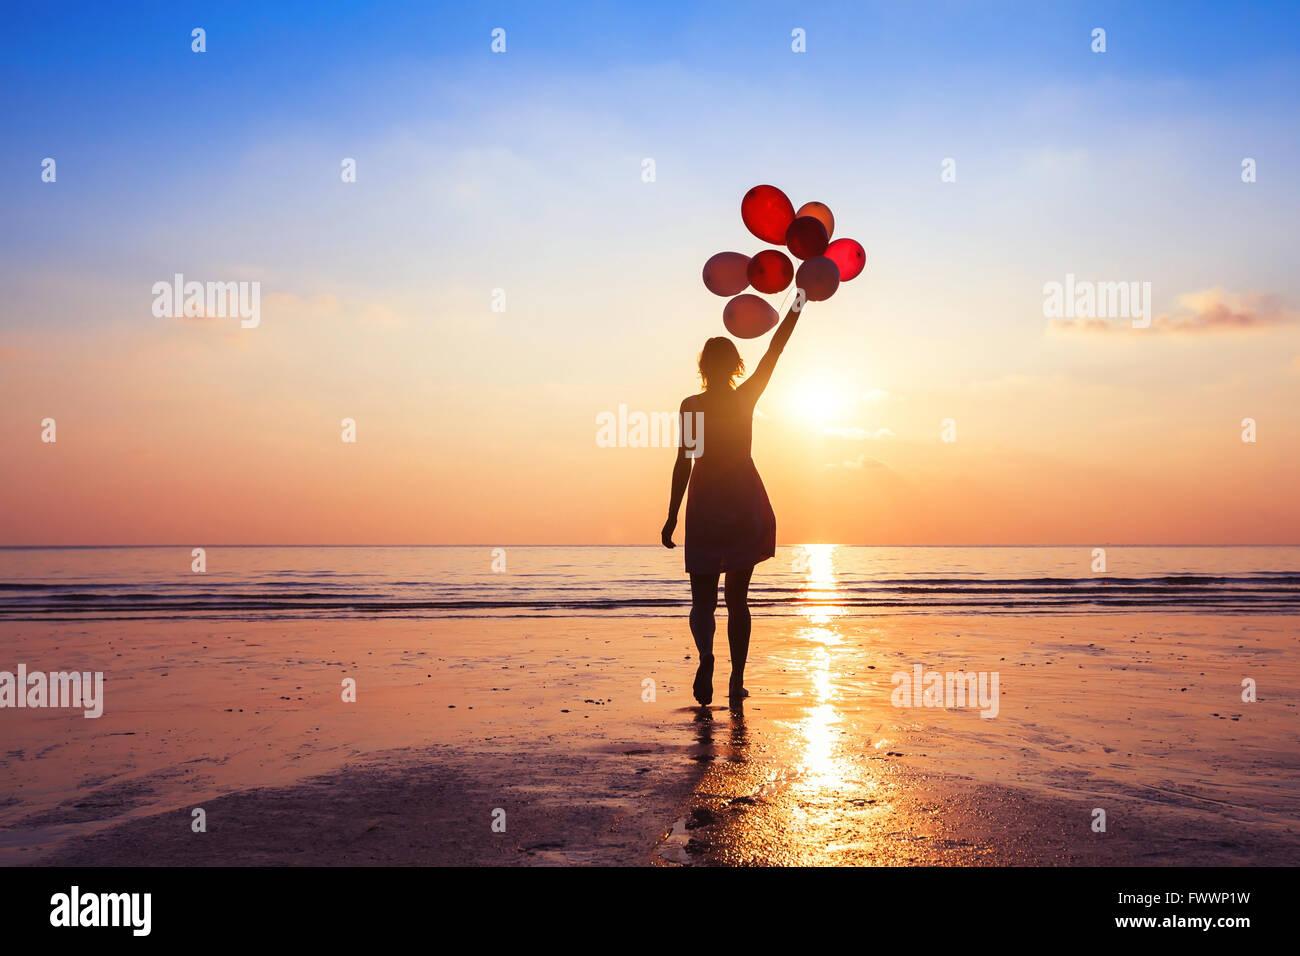 La motivazione o il concetto di speranza, seguire il tuo sogno e di ispirazione, ragazza con palloncini al tramonto Immagini Stock